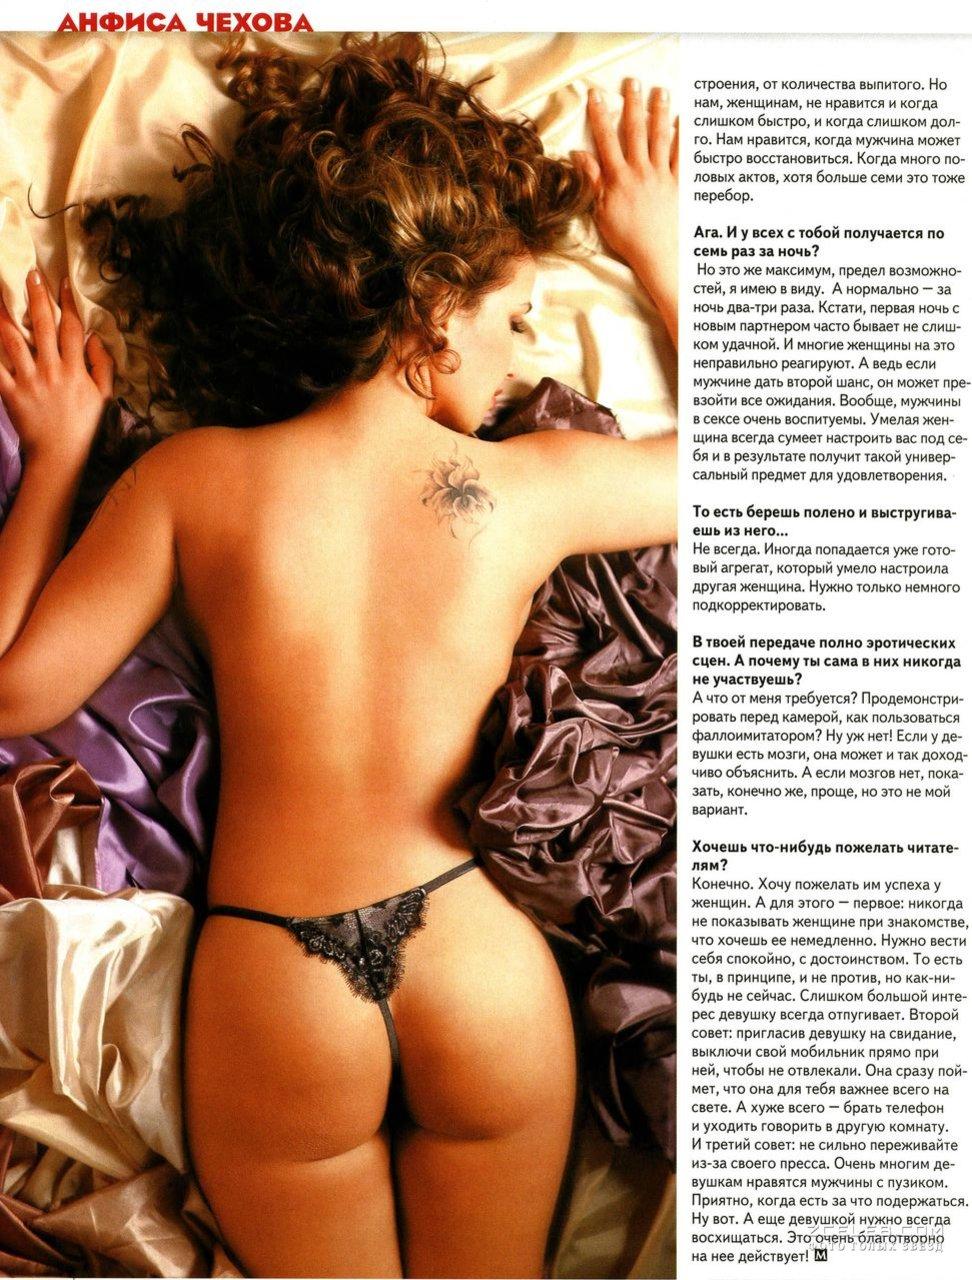 Секси Анфиса Чехова в журнале Максим 2006  ZCELEBCOM